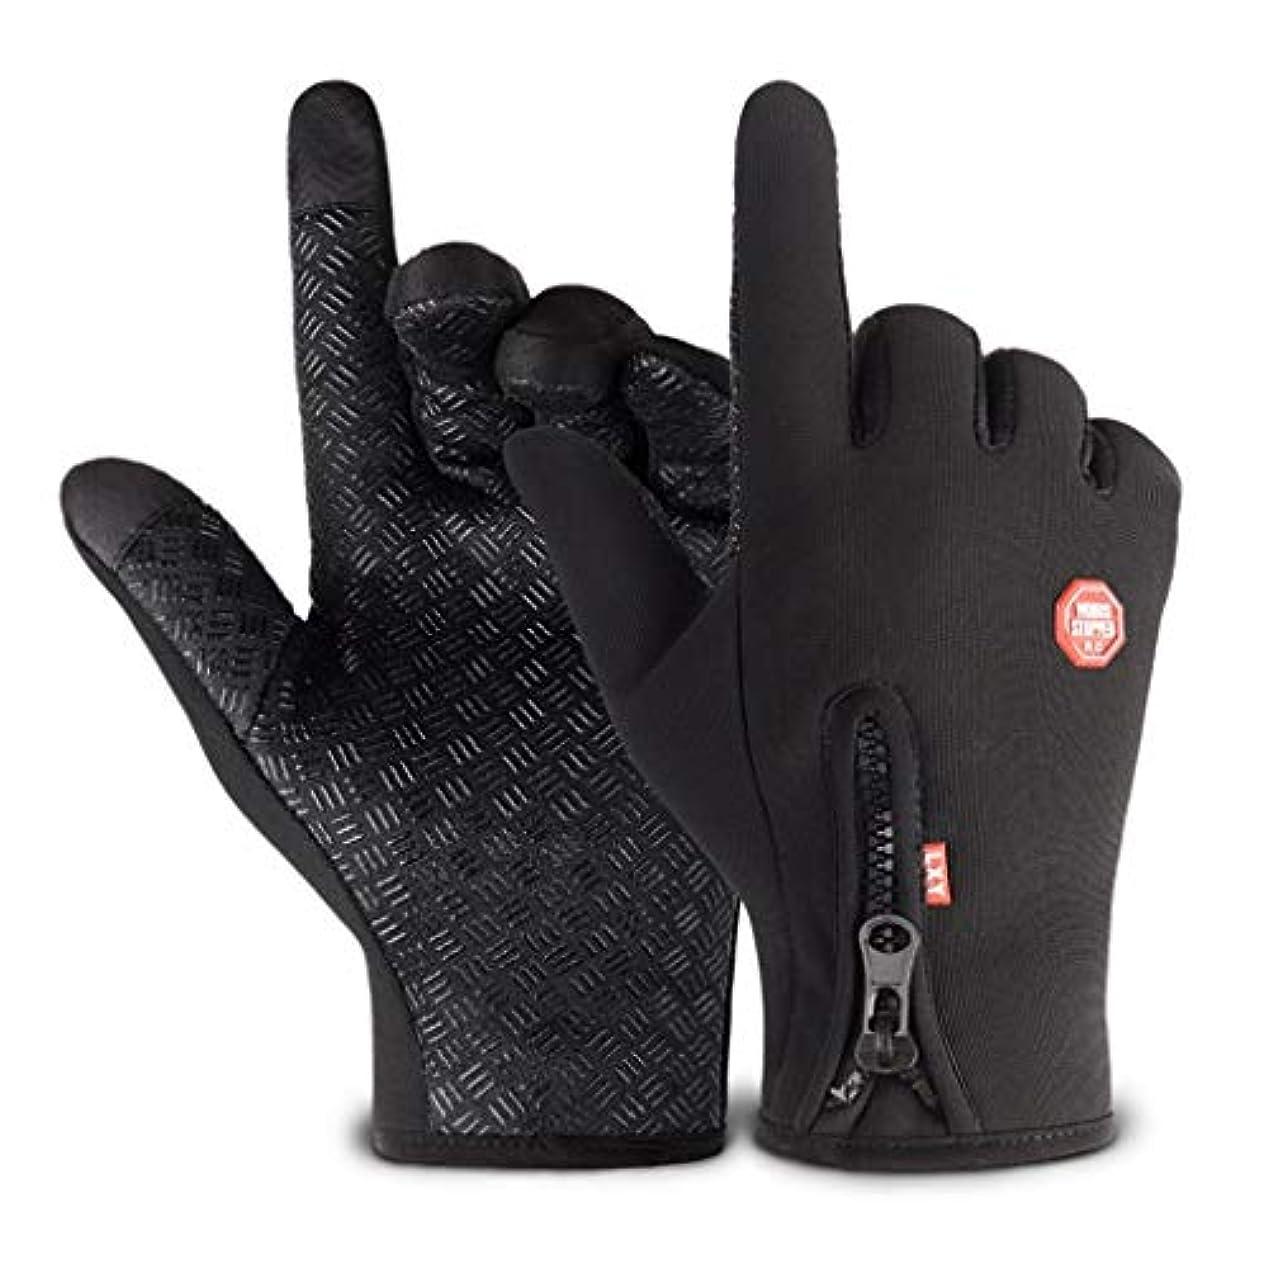 コンクリートほのめかすつまずく手袋男性の秋と冬の自転車電動バイクの女性のタッチスクリーン全天候防風ノンスリップ暖かいコールドプラスベルベット弾性手袋ワンサイズ黒